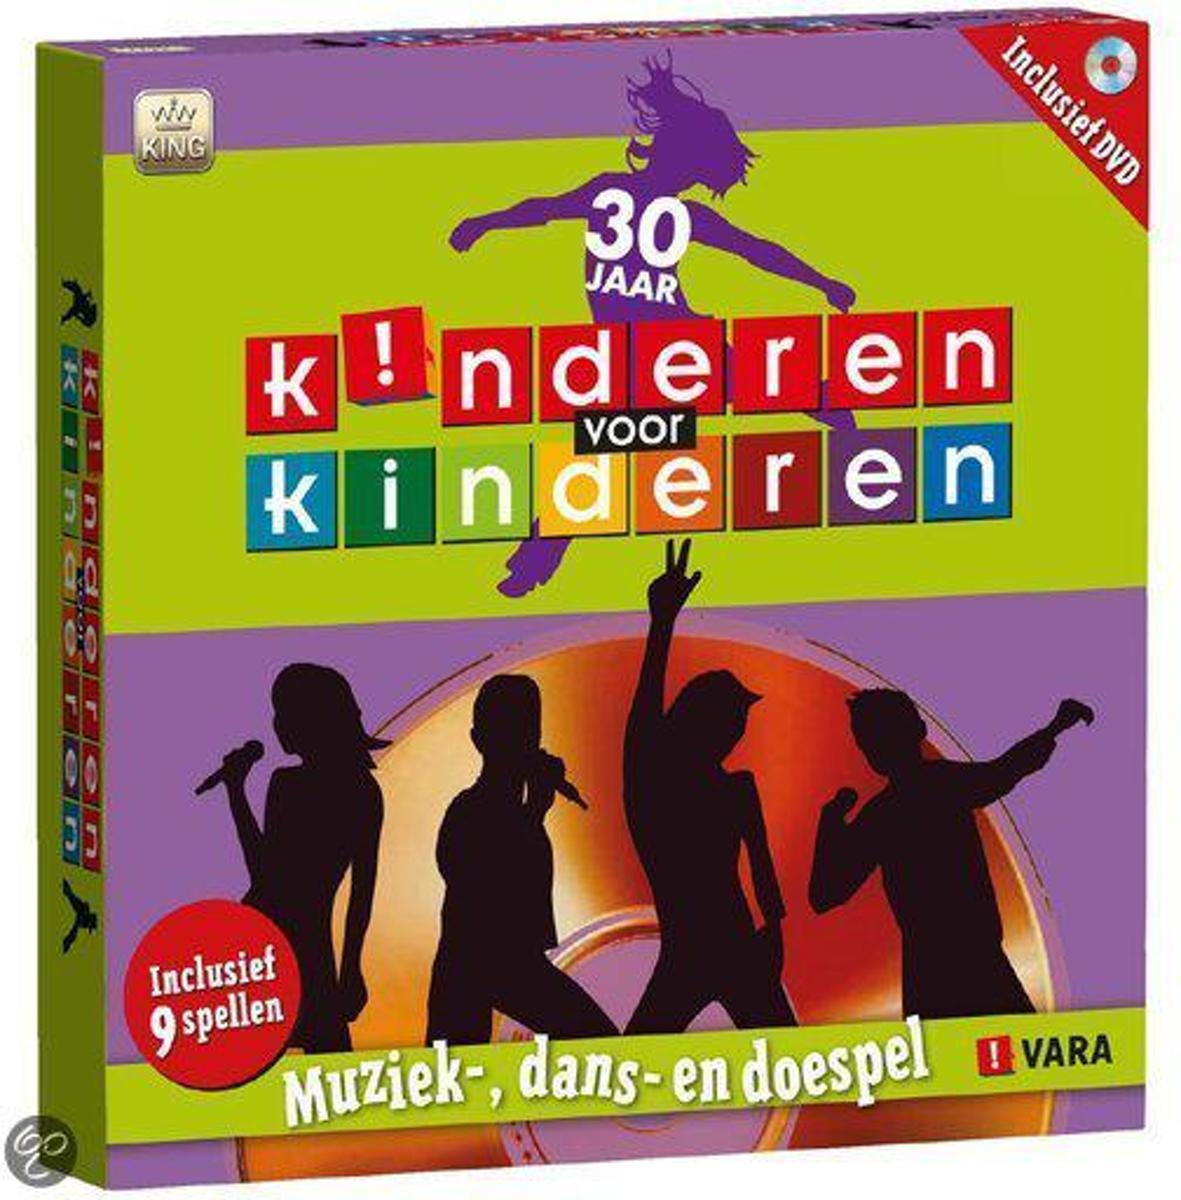 Kinderen Voor Kinderen dvd - bordspel